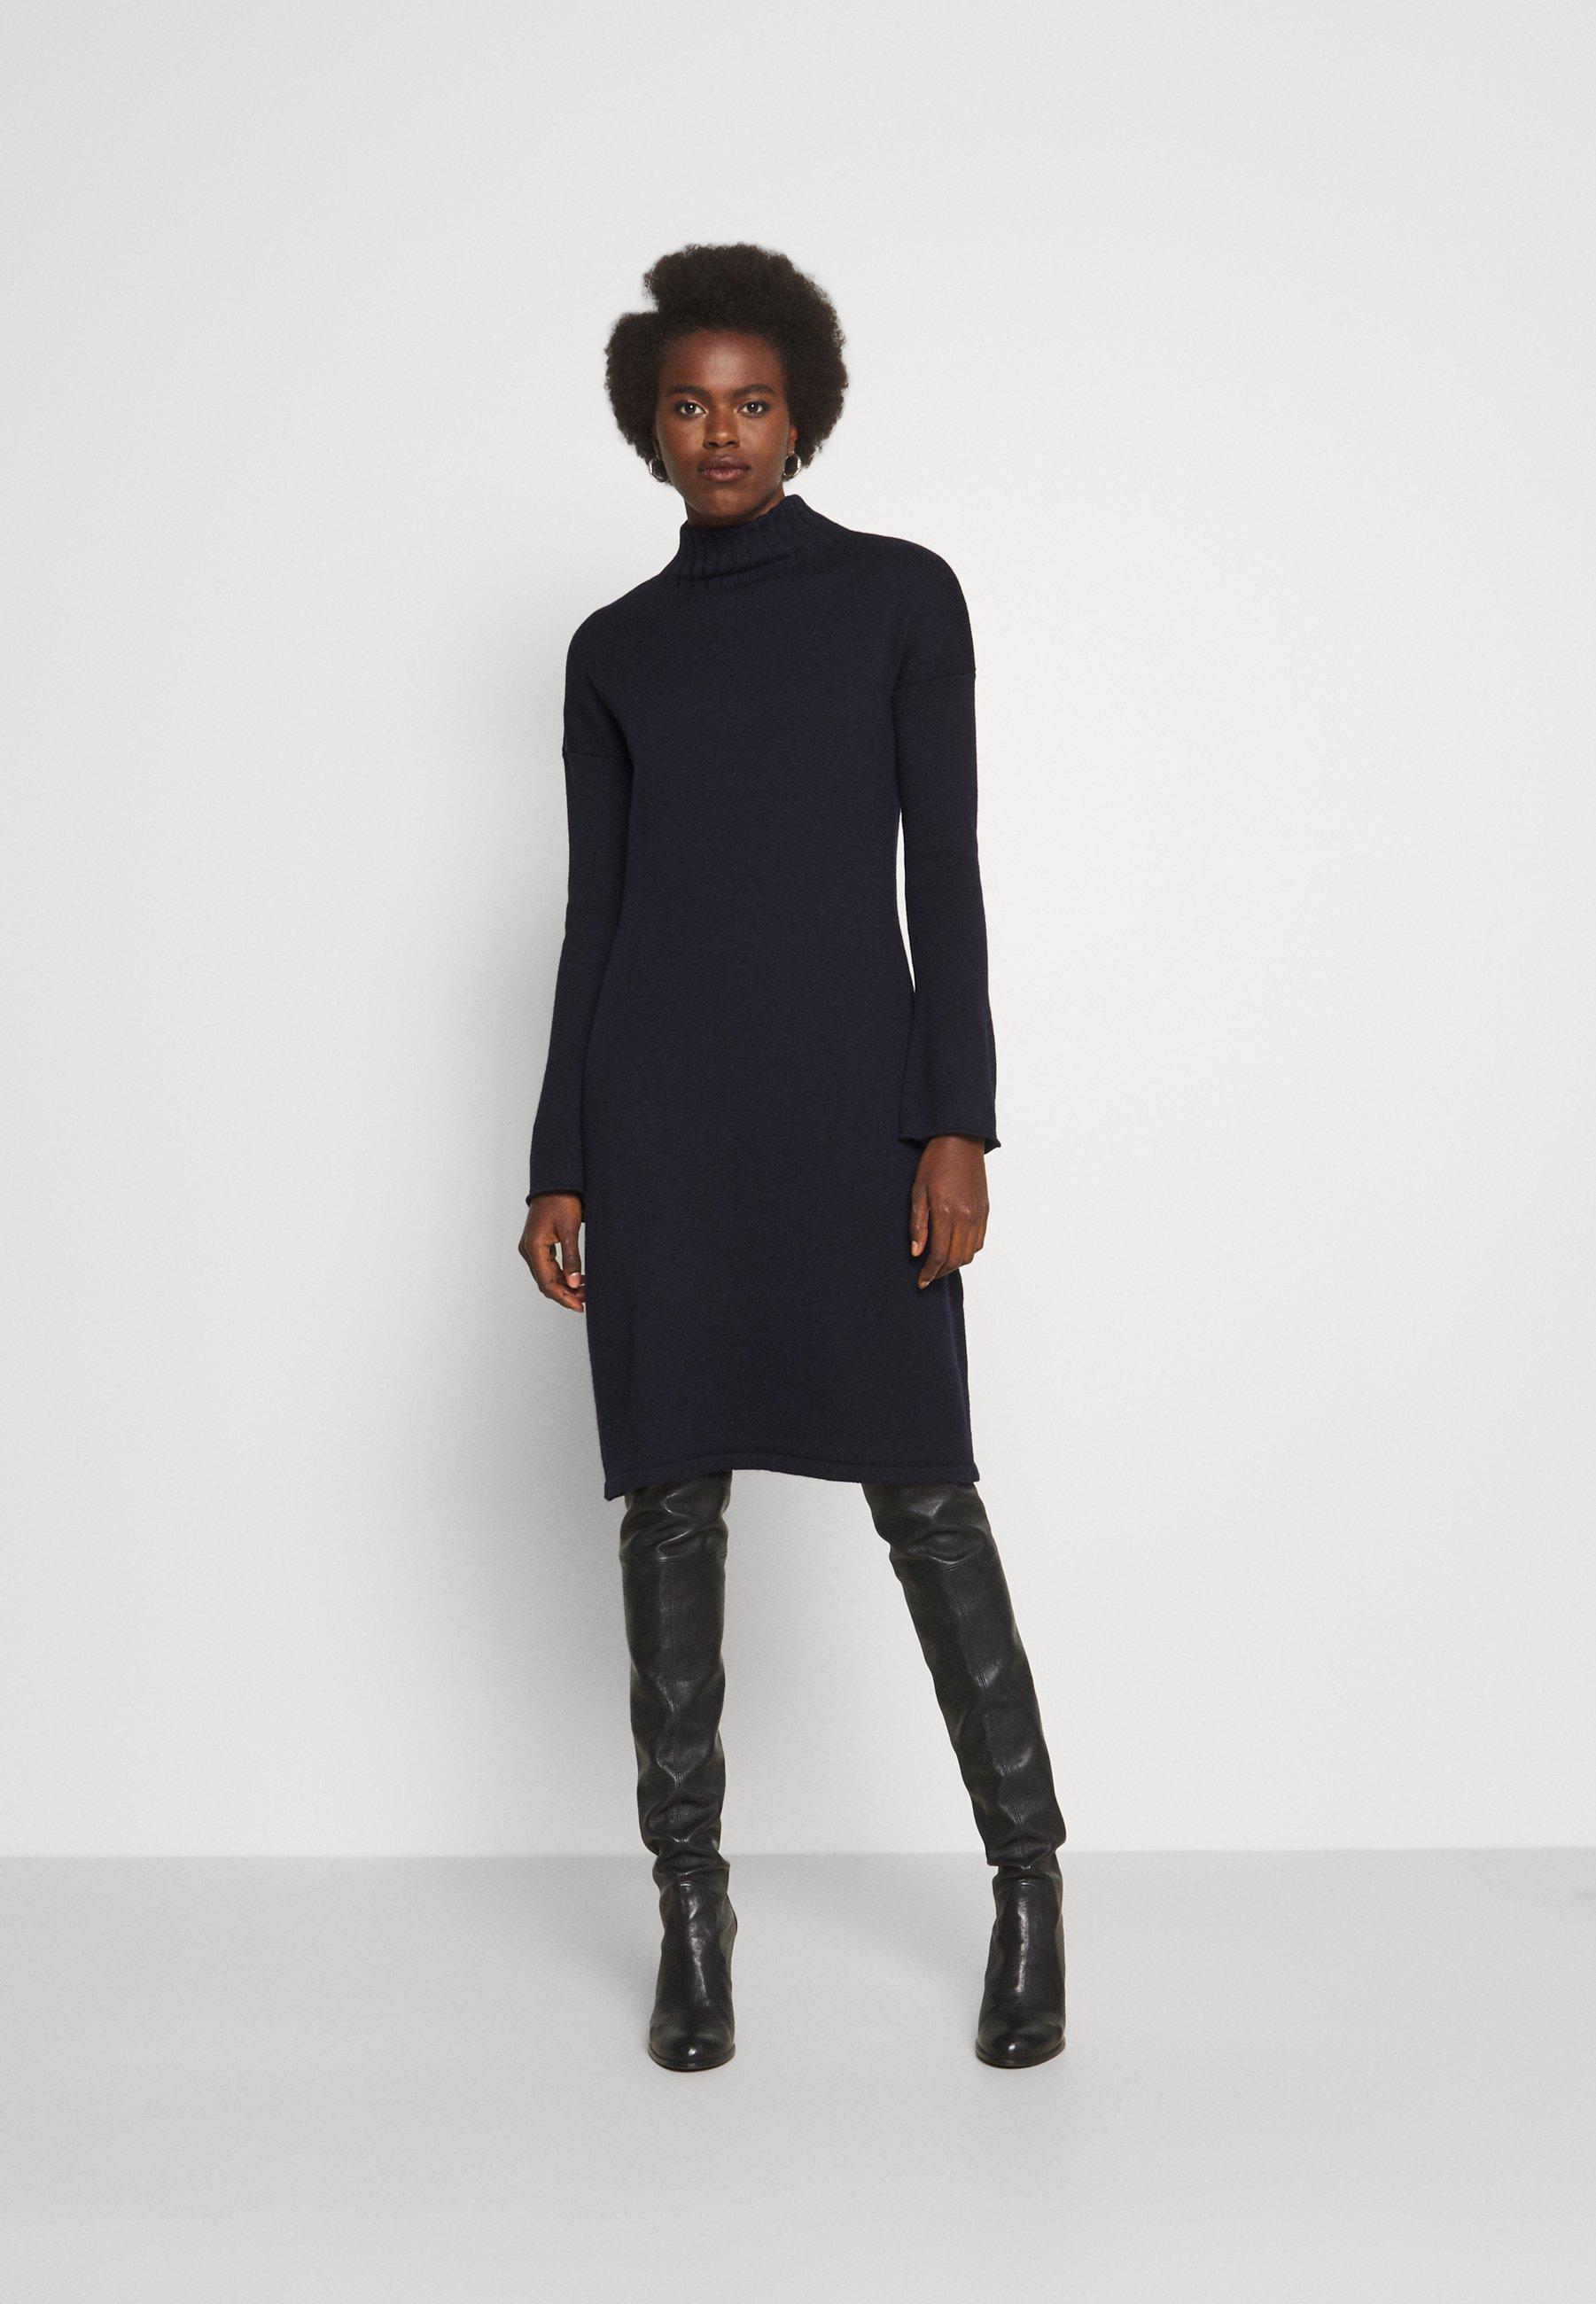 Femme NAVILE - Robe pull